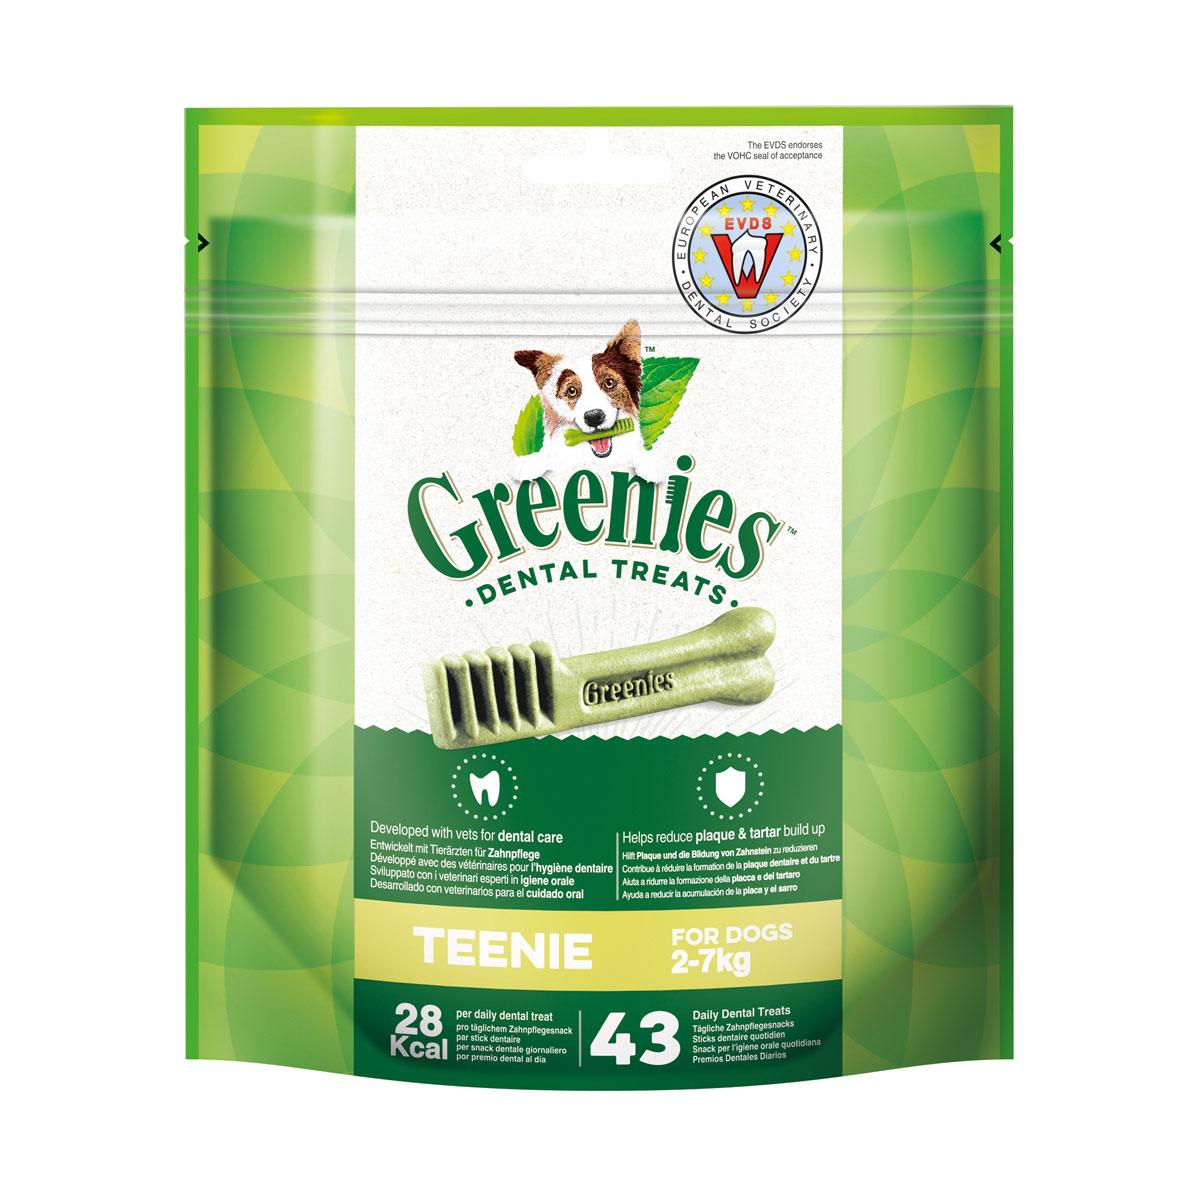 Greenies Teenie Zahnpflegesnacks für Hunde von 2-7kg 340g